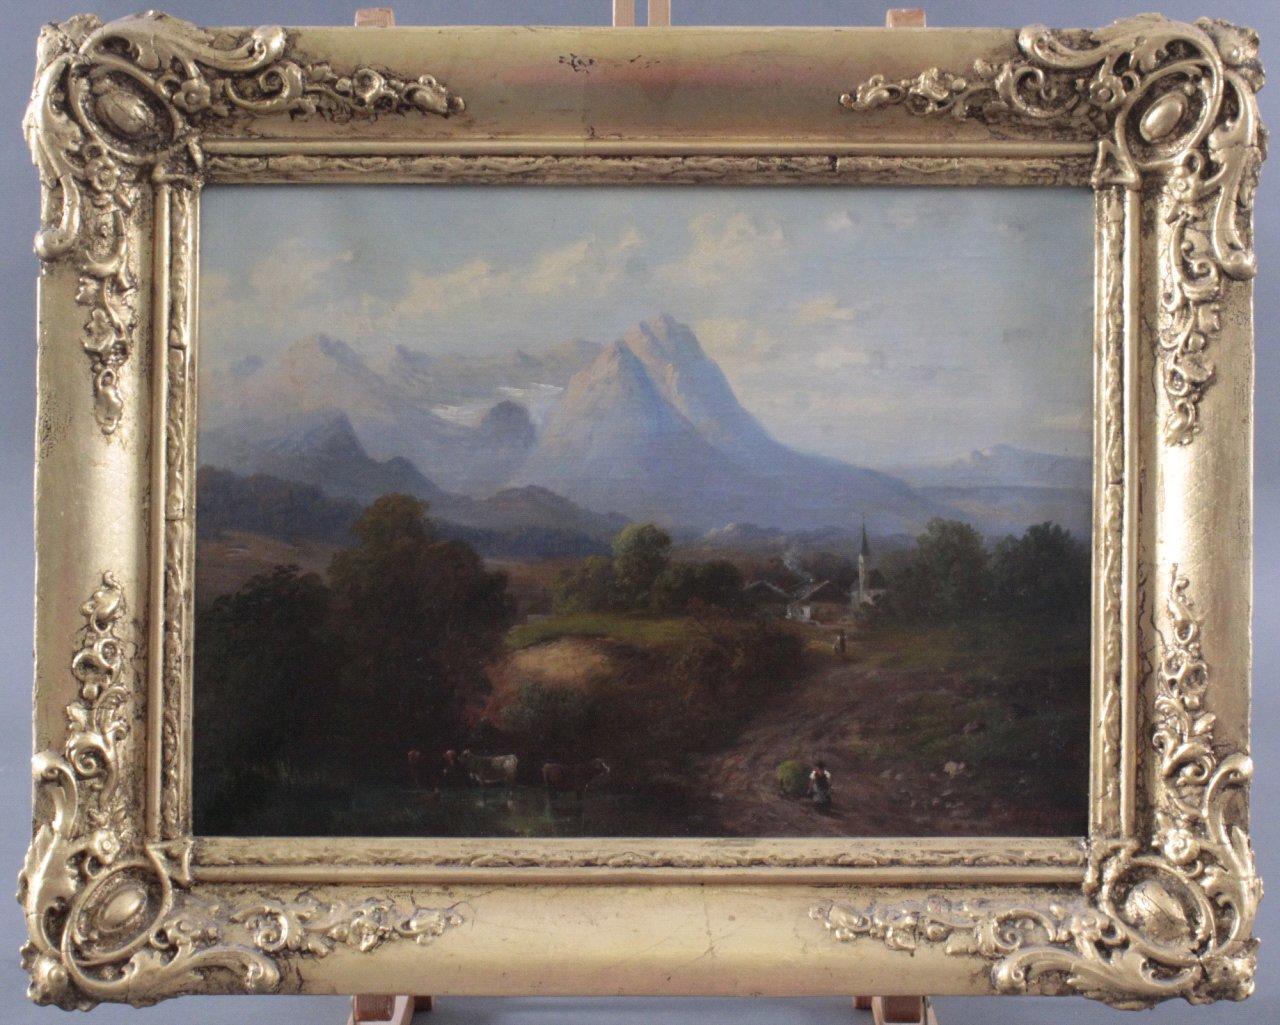 I. Engelmann (Deutscher Maler des 19. Jahrhunderts)